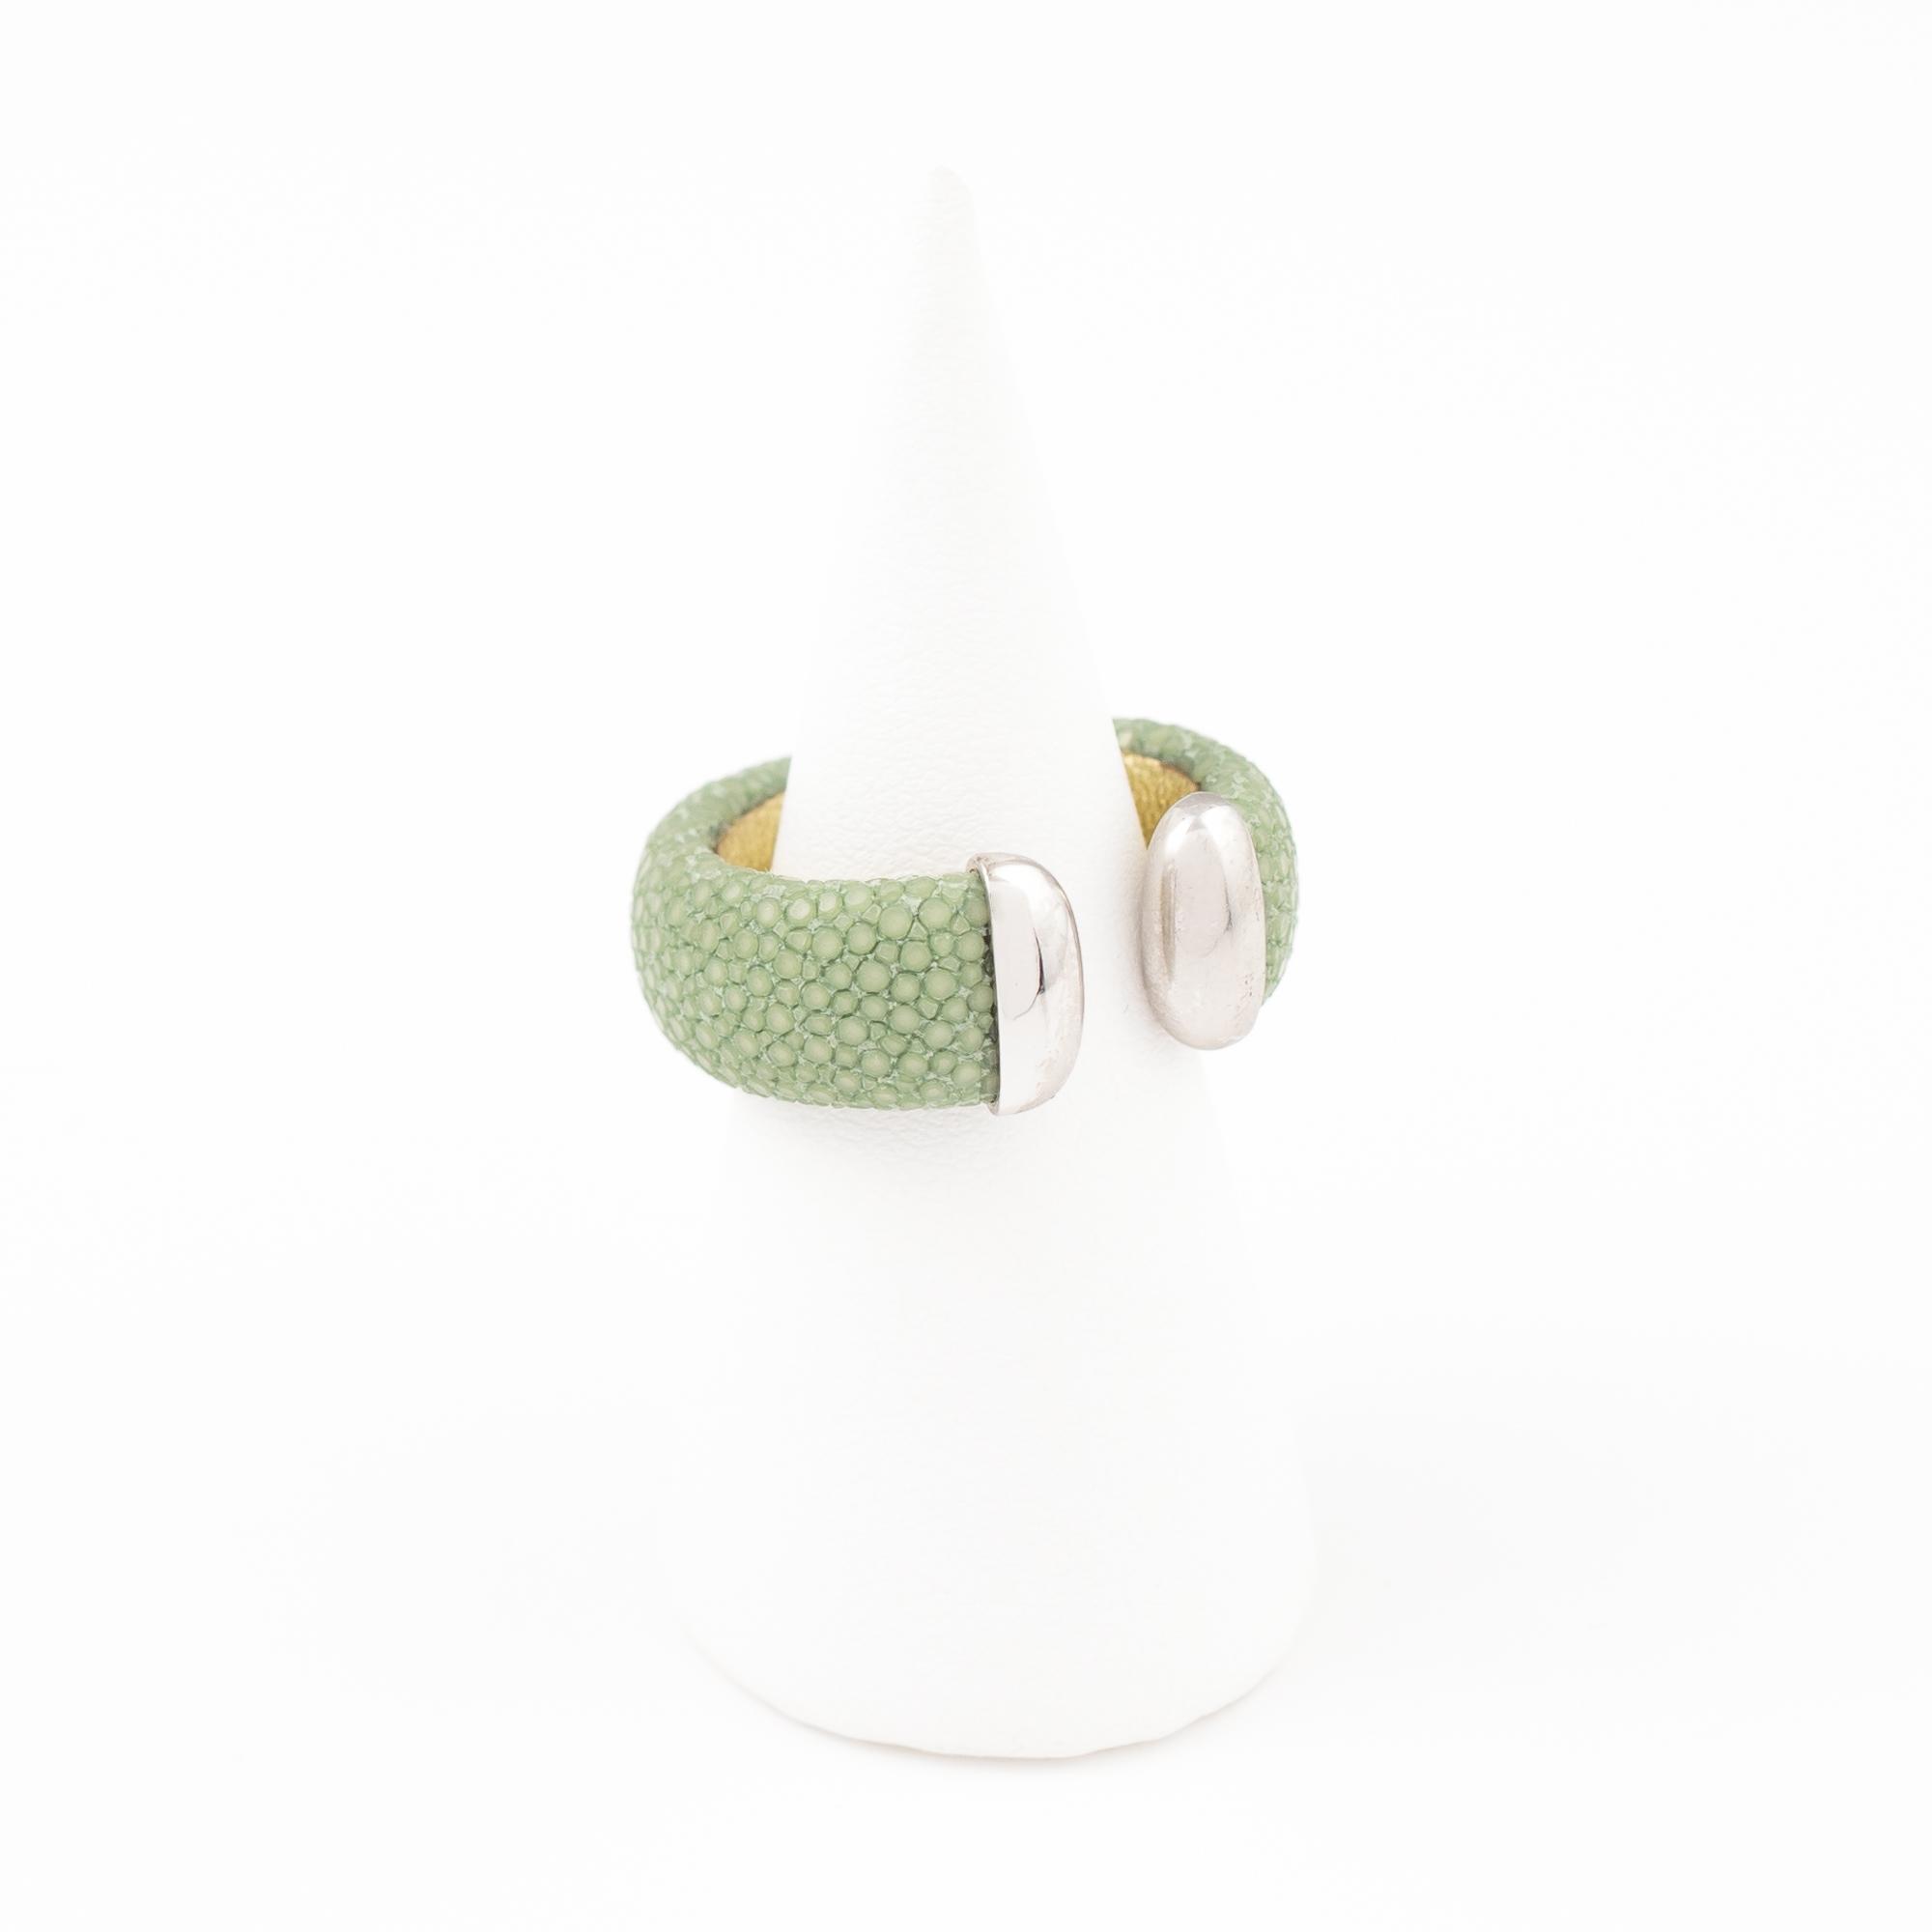 tresor-by-flore-galuchat-bague-craneuse-celadon